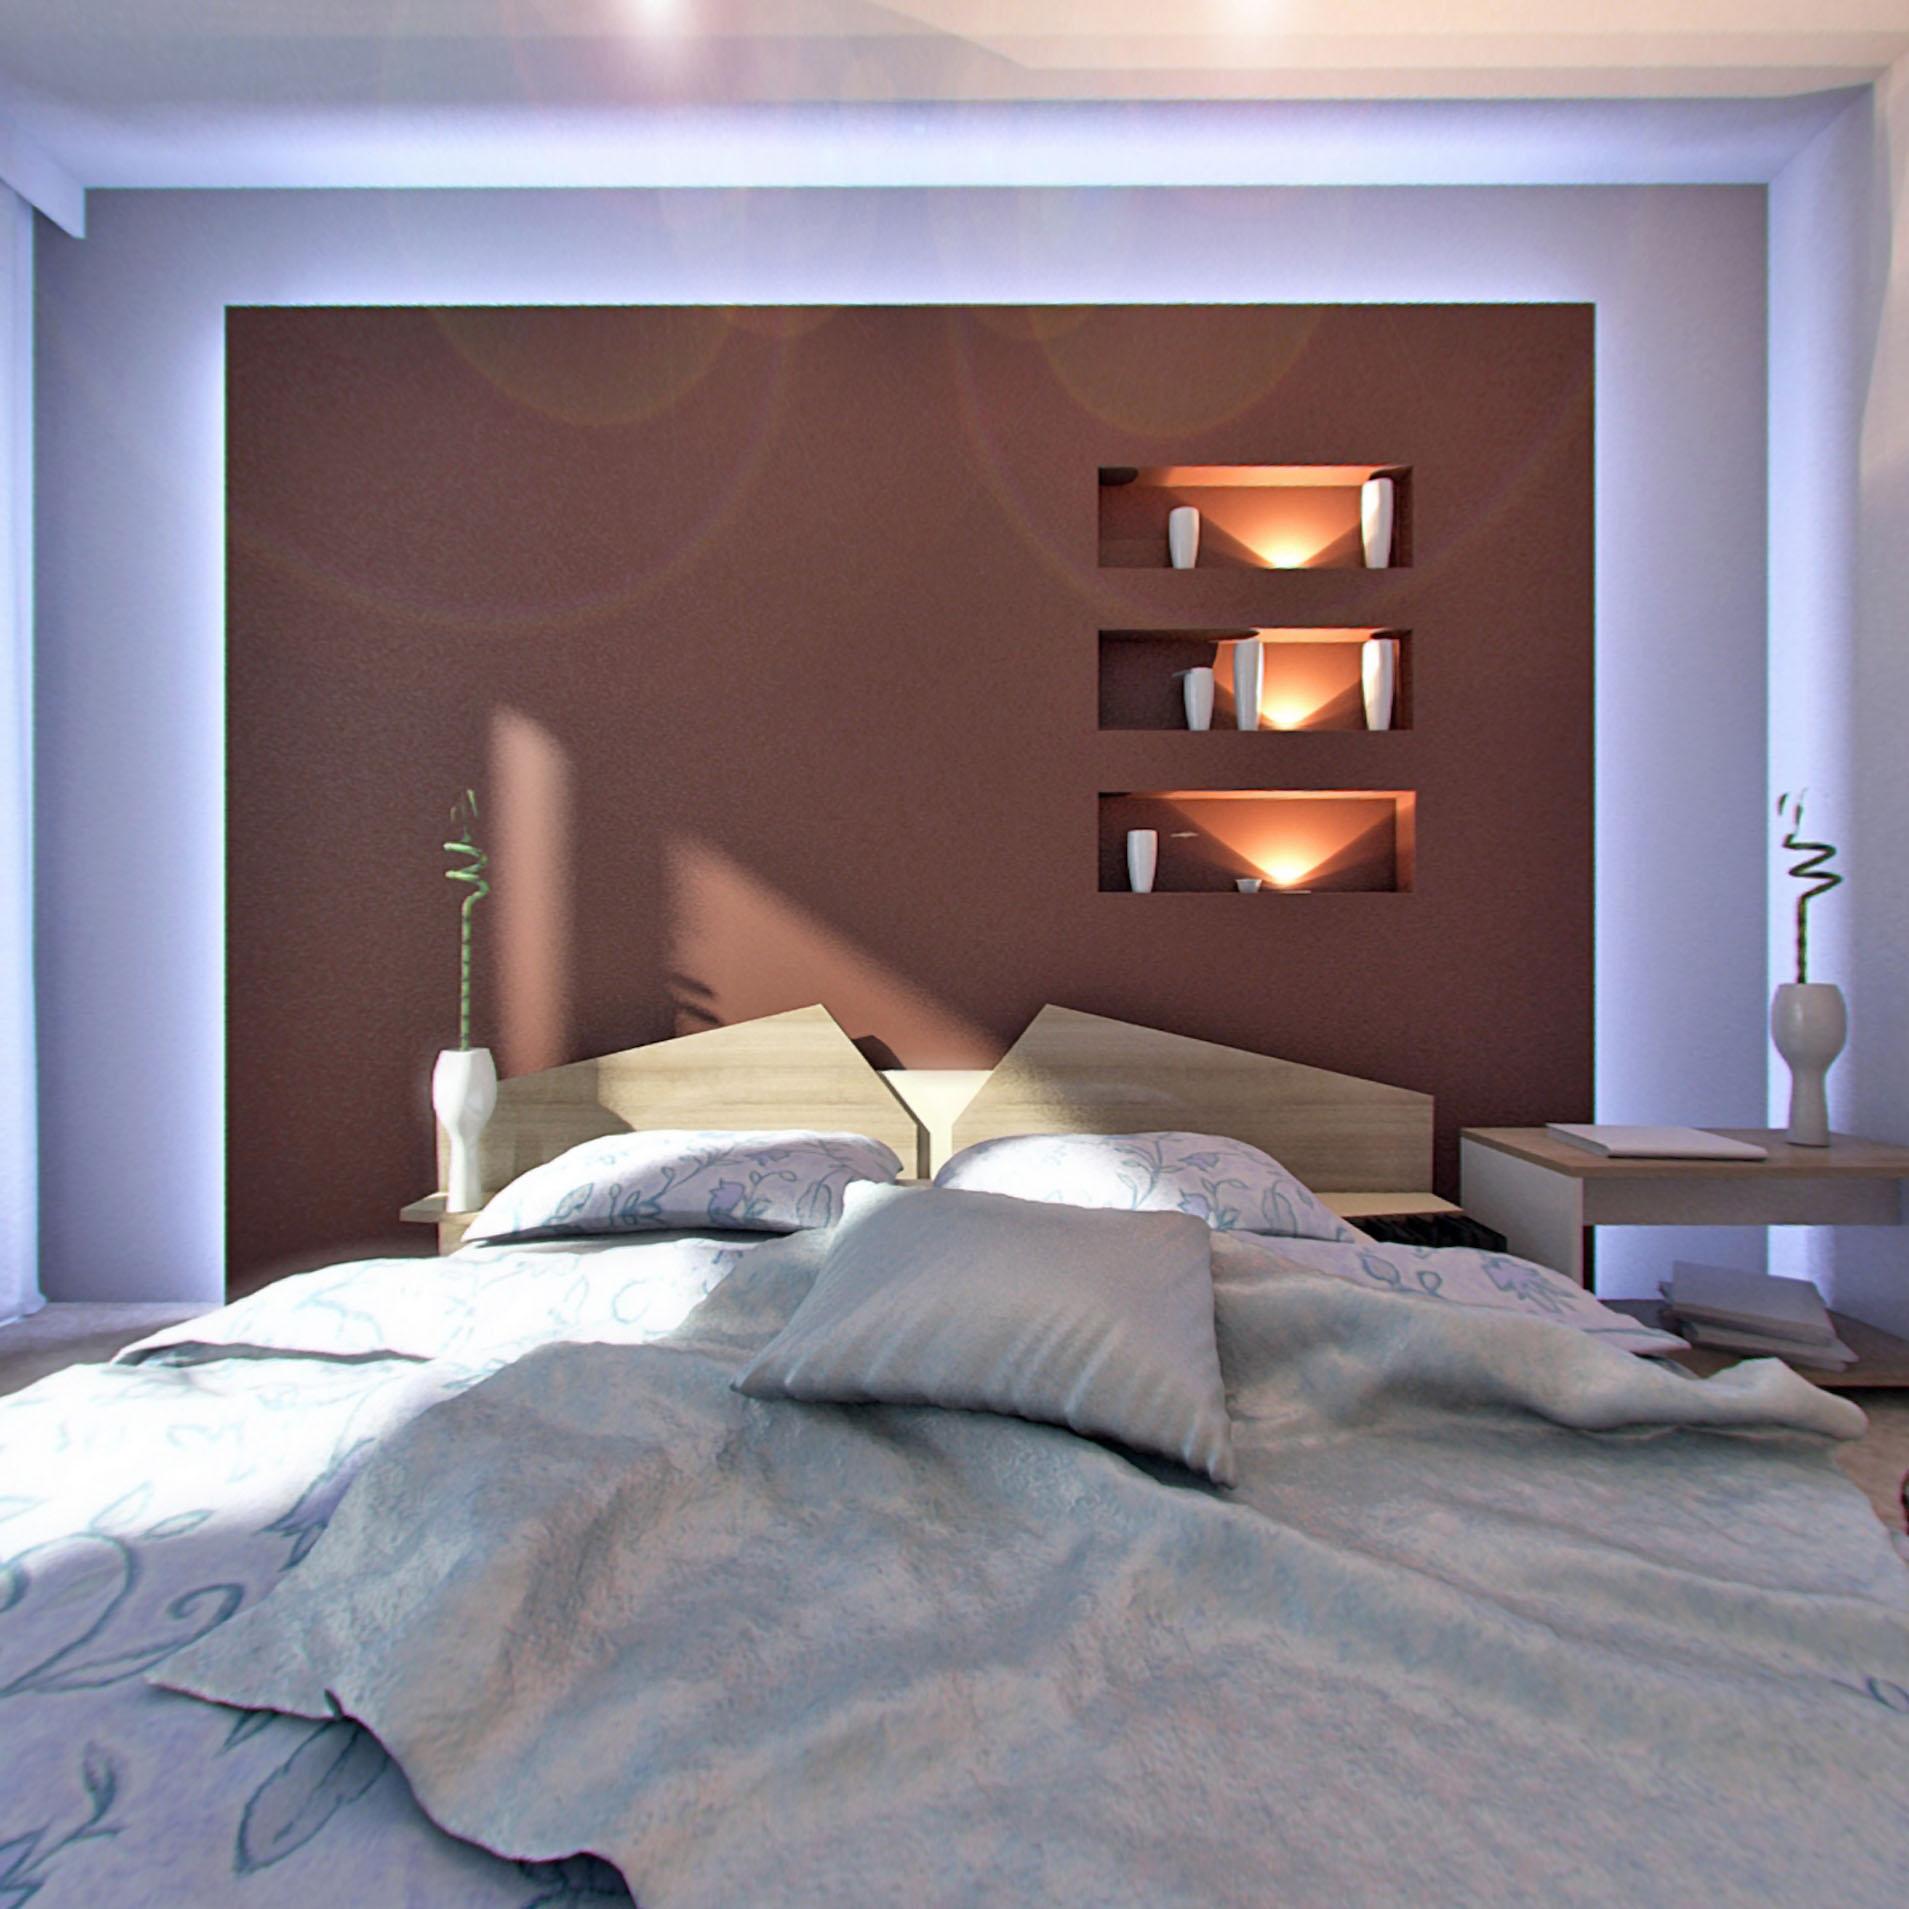 3д снимка стая